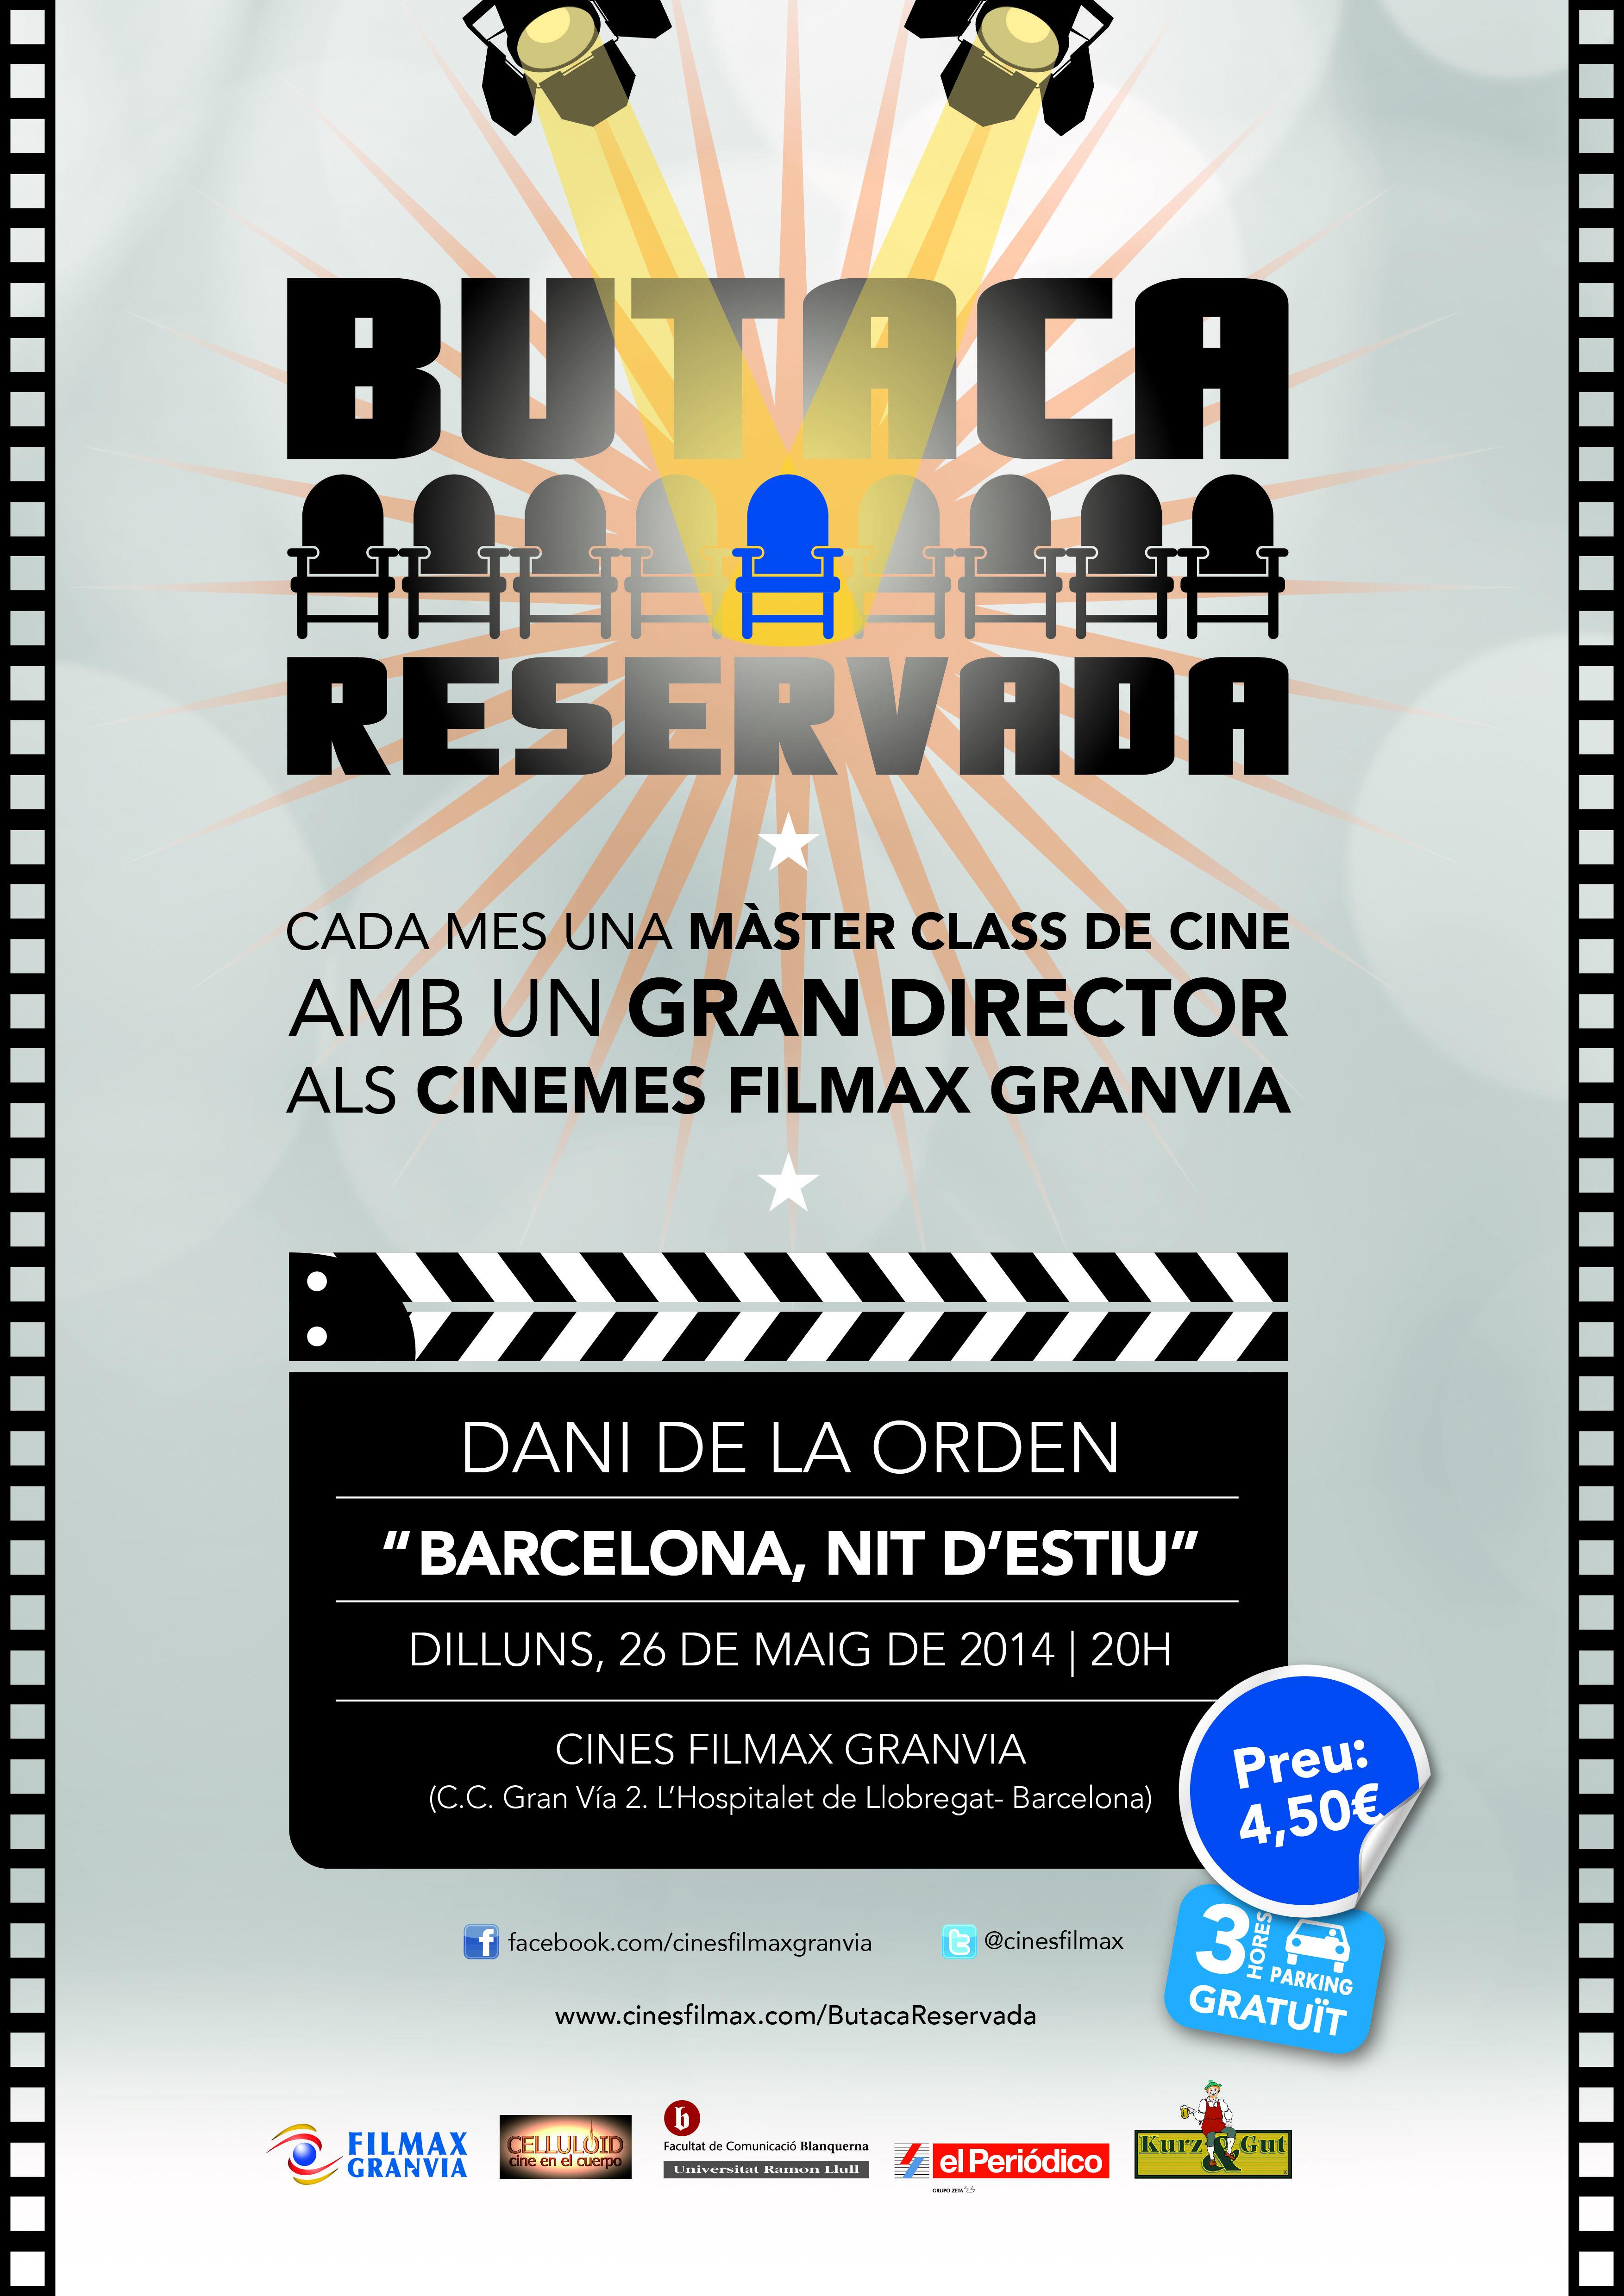 """El director Dani de la Orden i """"Barcelona nit d´estiu"""" als Filmax Granvia el dilluns 26 de maig"""